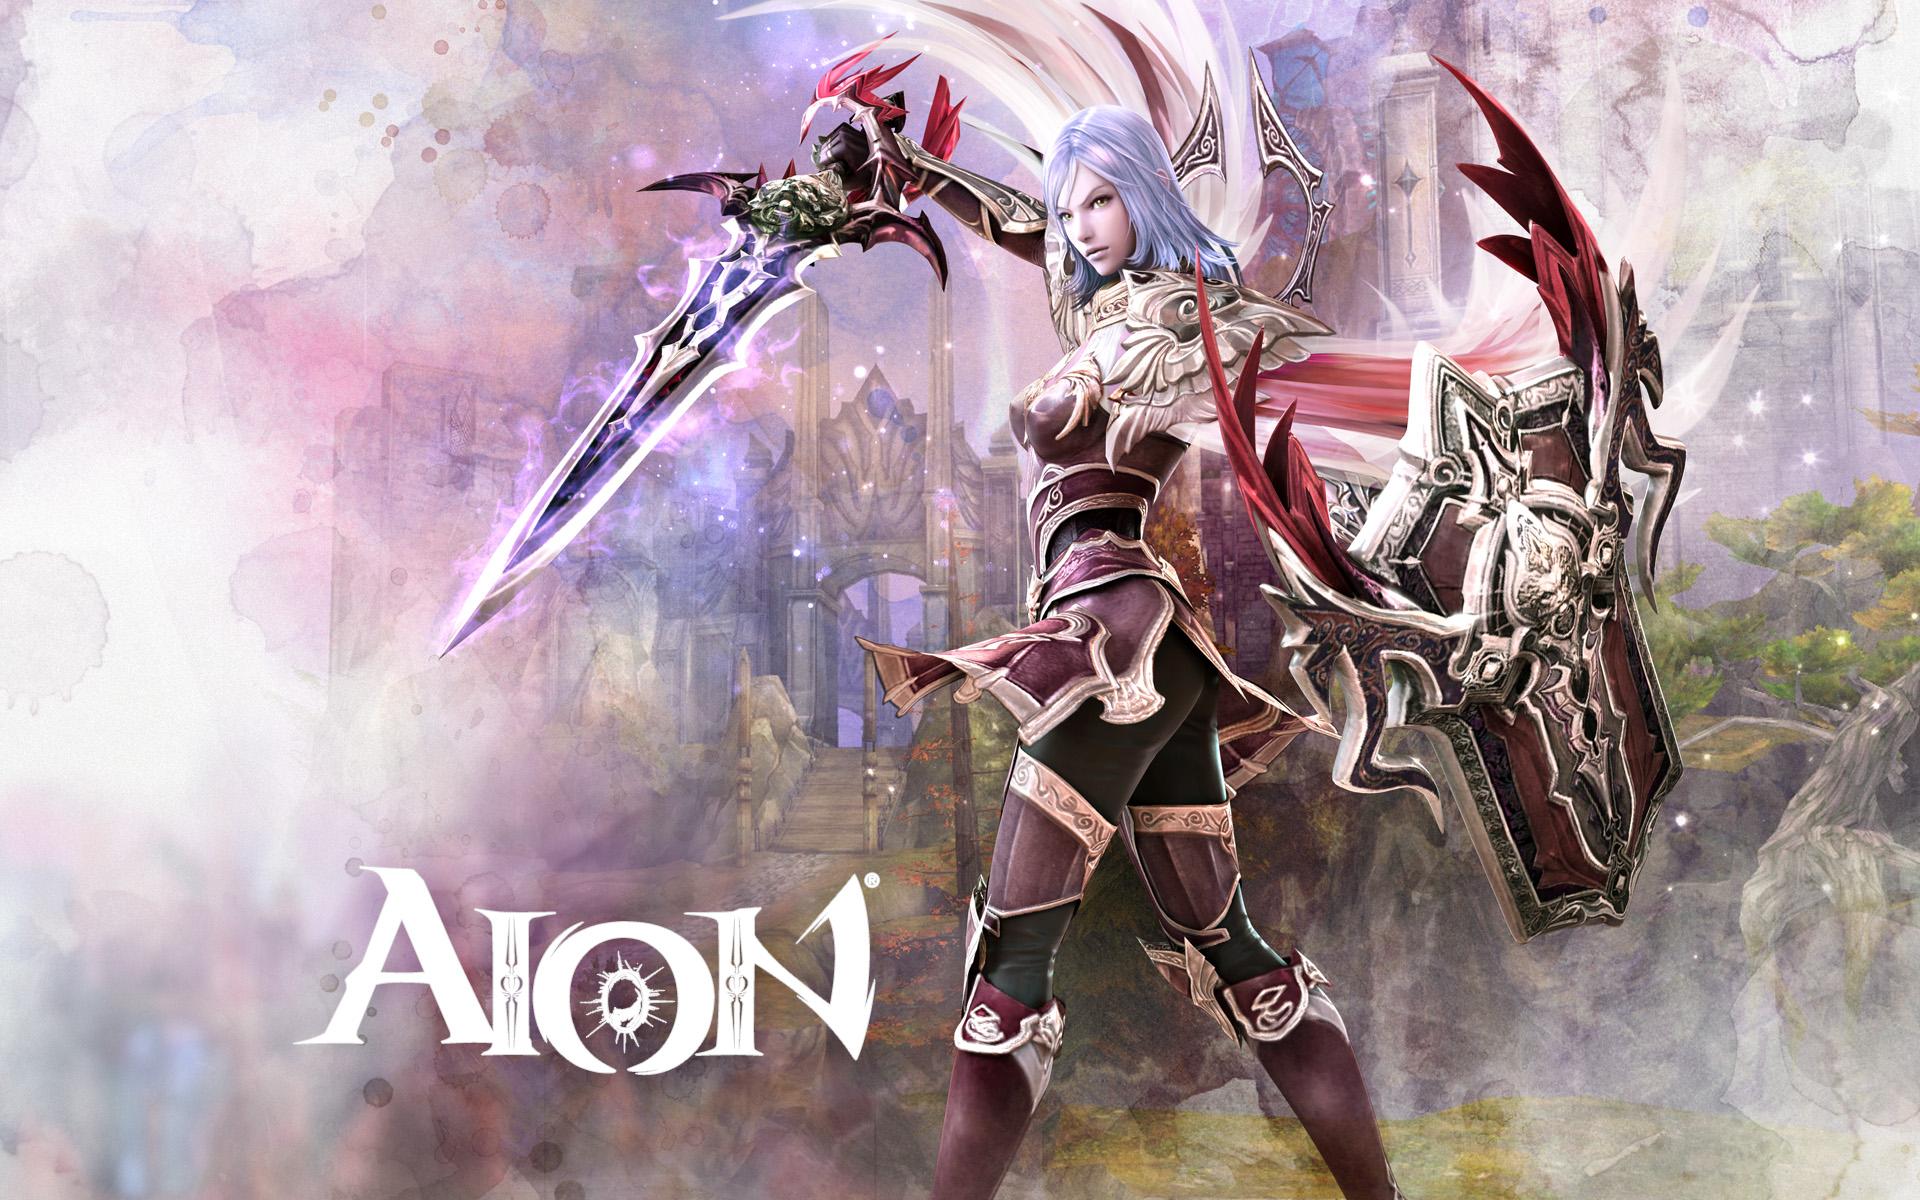 Aion Wallpaper 021 – Asmodian Templar